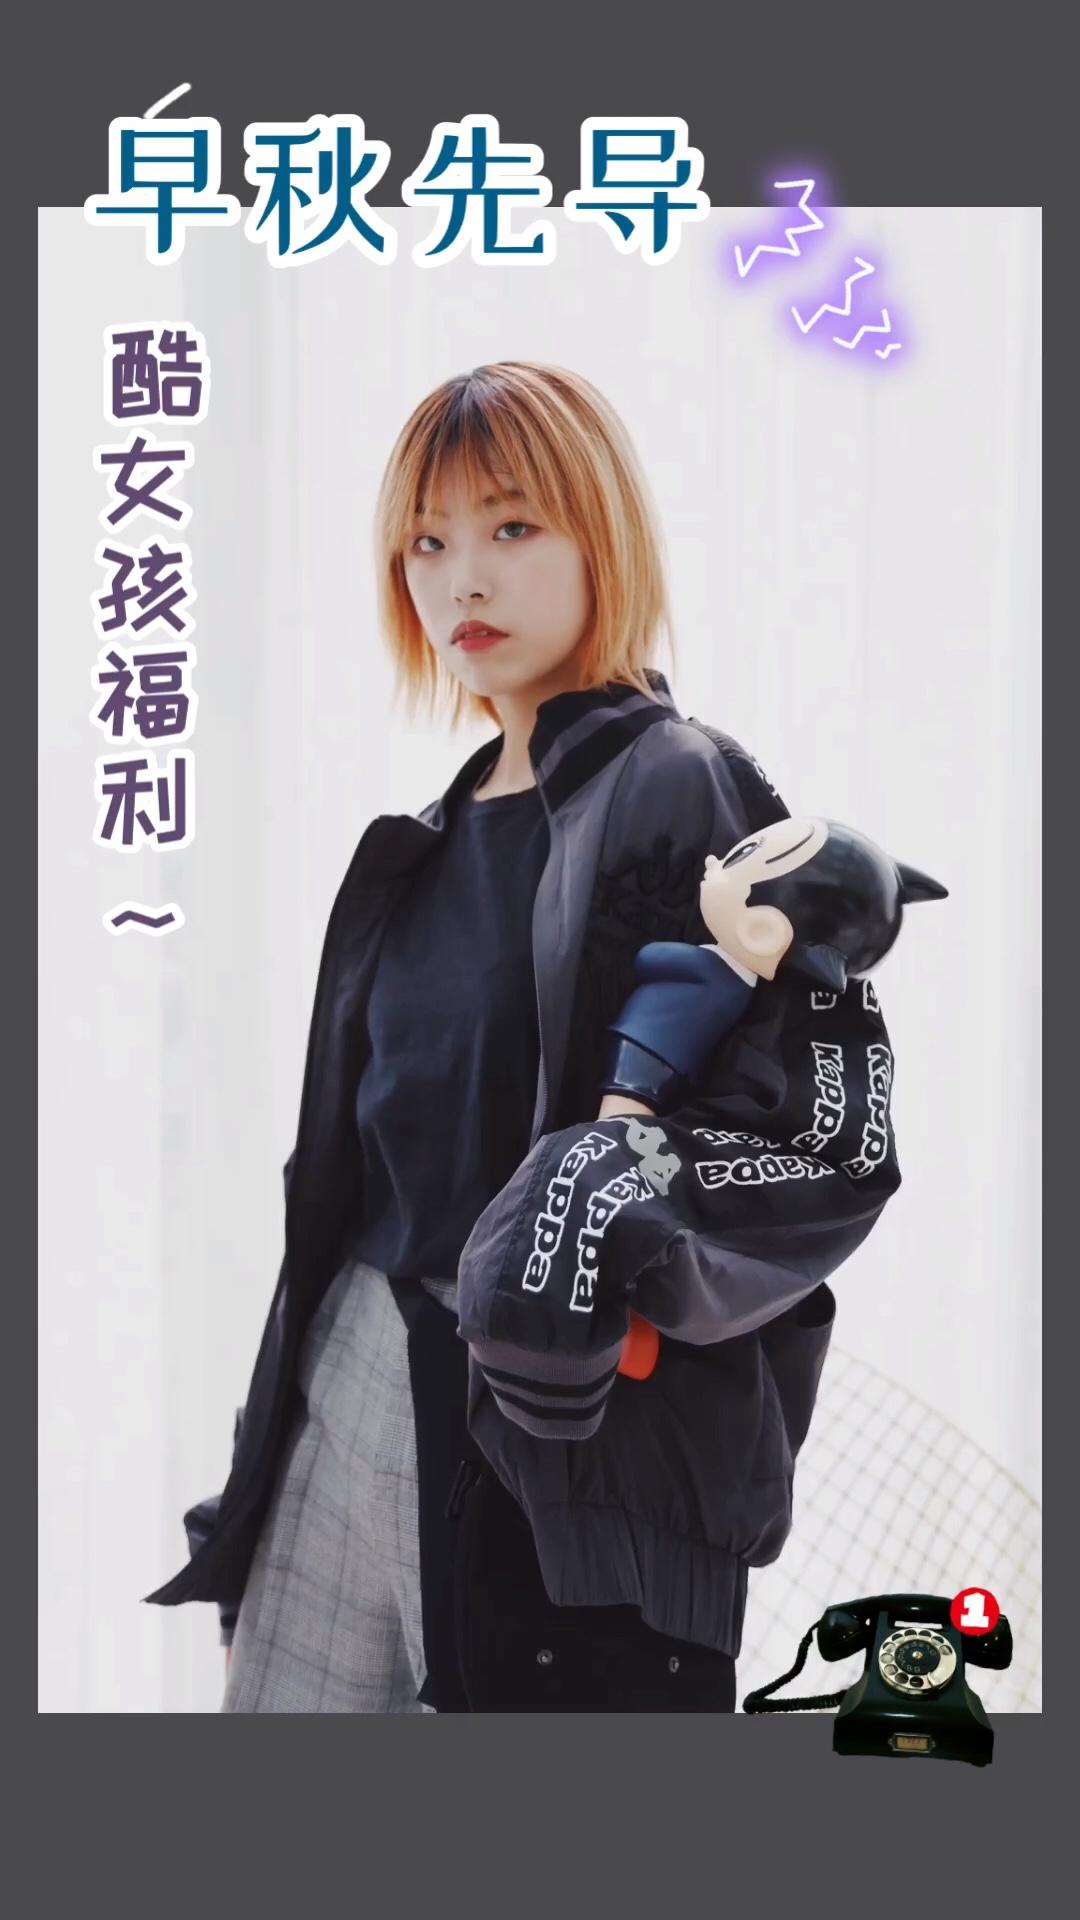 #2019早秋流行,我带你追!#  早秋inxx与kappa联名的外套 适合每一位酷女孩 袖子上的印花非常精致 这波暗黑街头风你接吗🔫